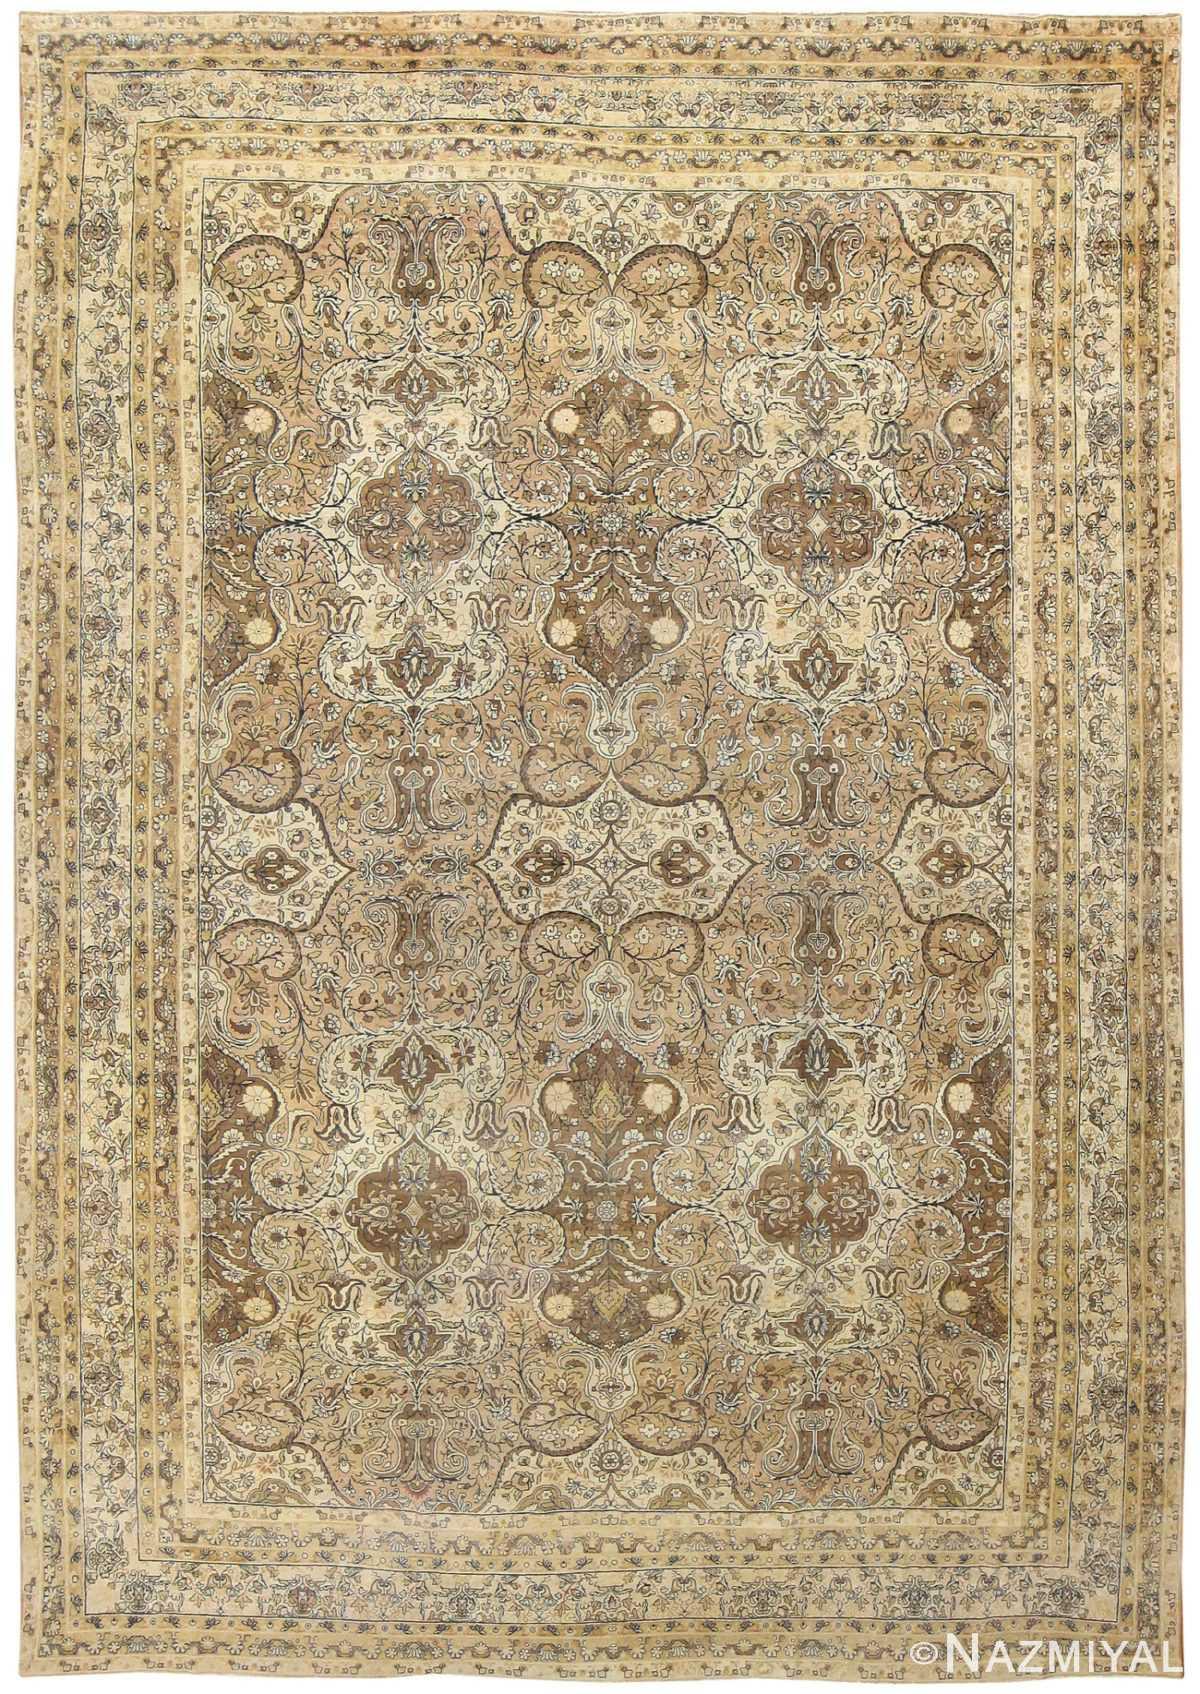 Antique Persian Kerman Rug 50147 Detail/Large View